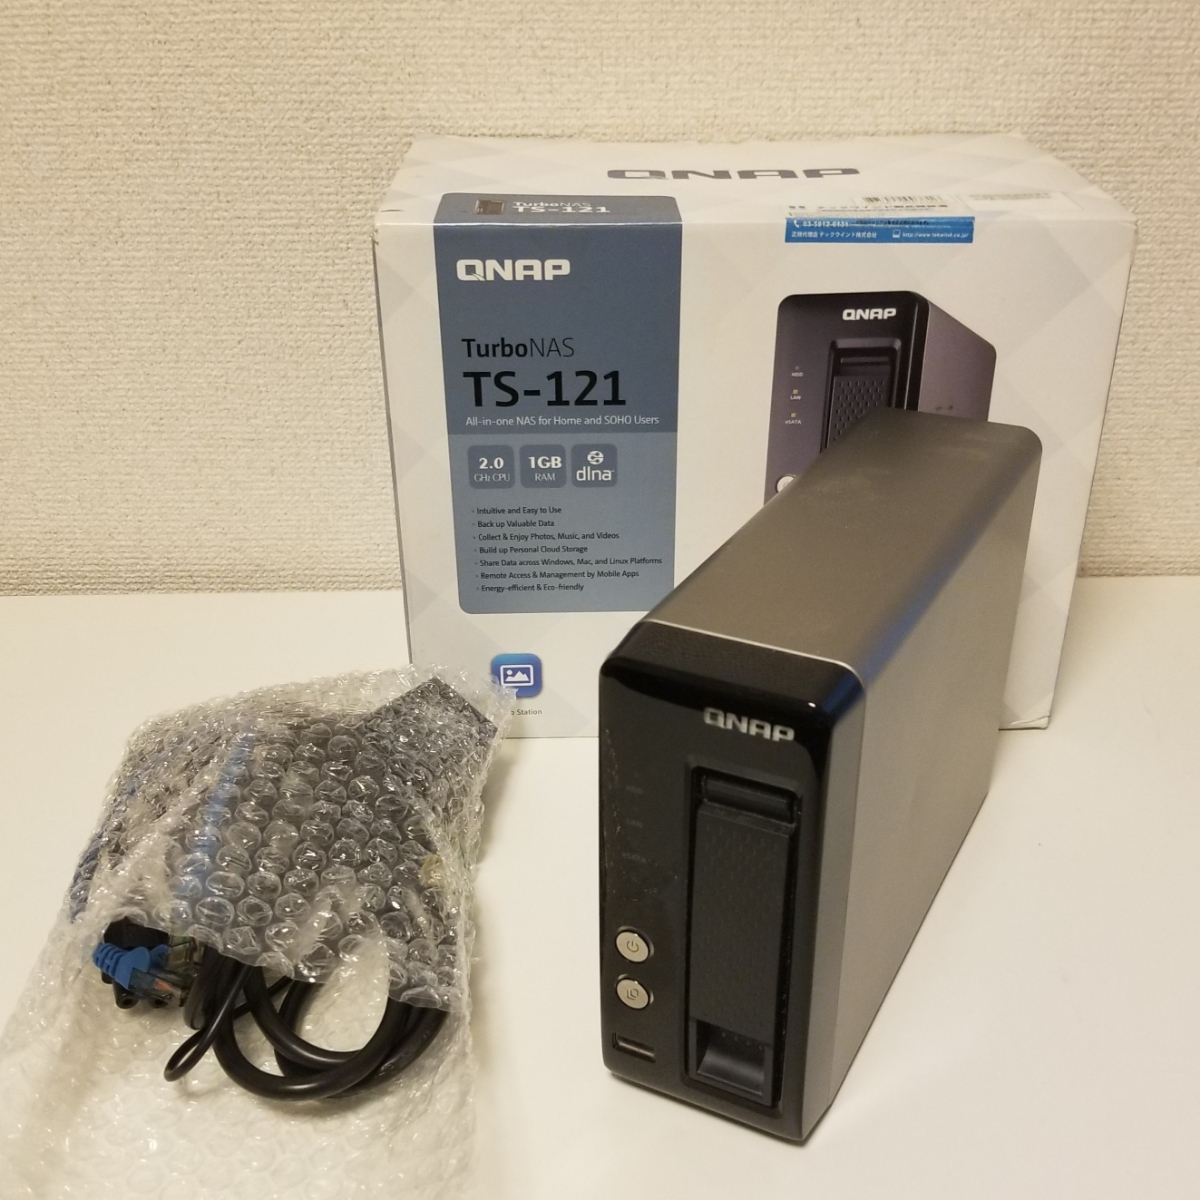 5TB NAS【 QNAP TS-121 + WD50PURX 5TB/Western Digital/WD-Purple/5700RPM】中古